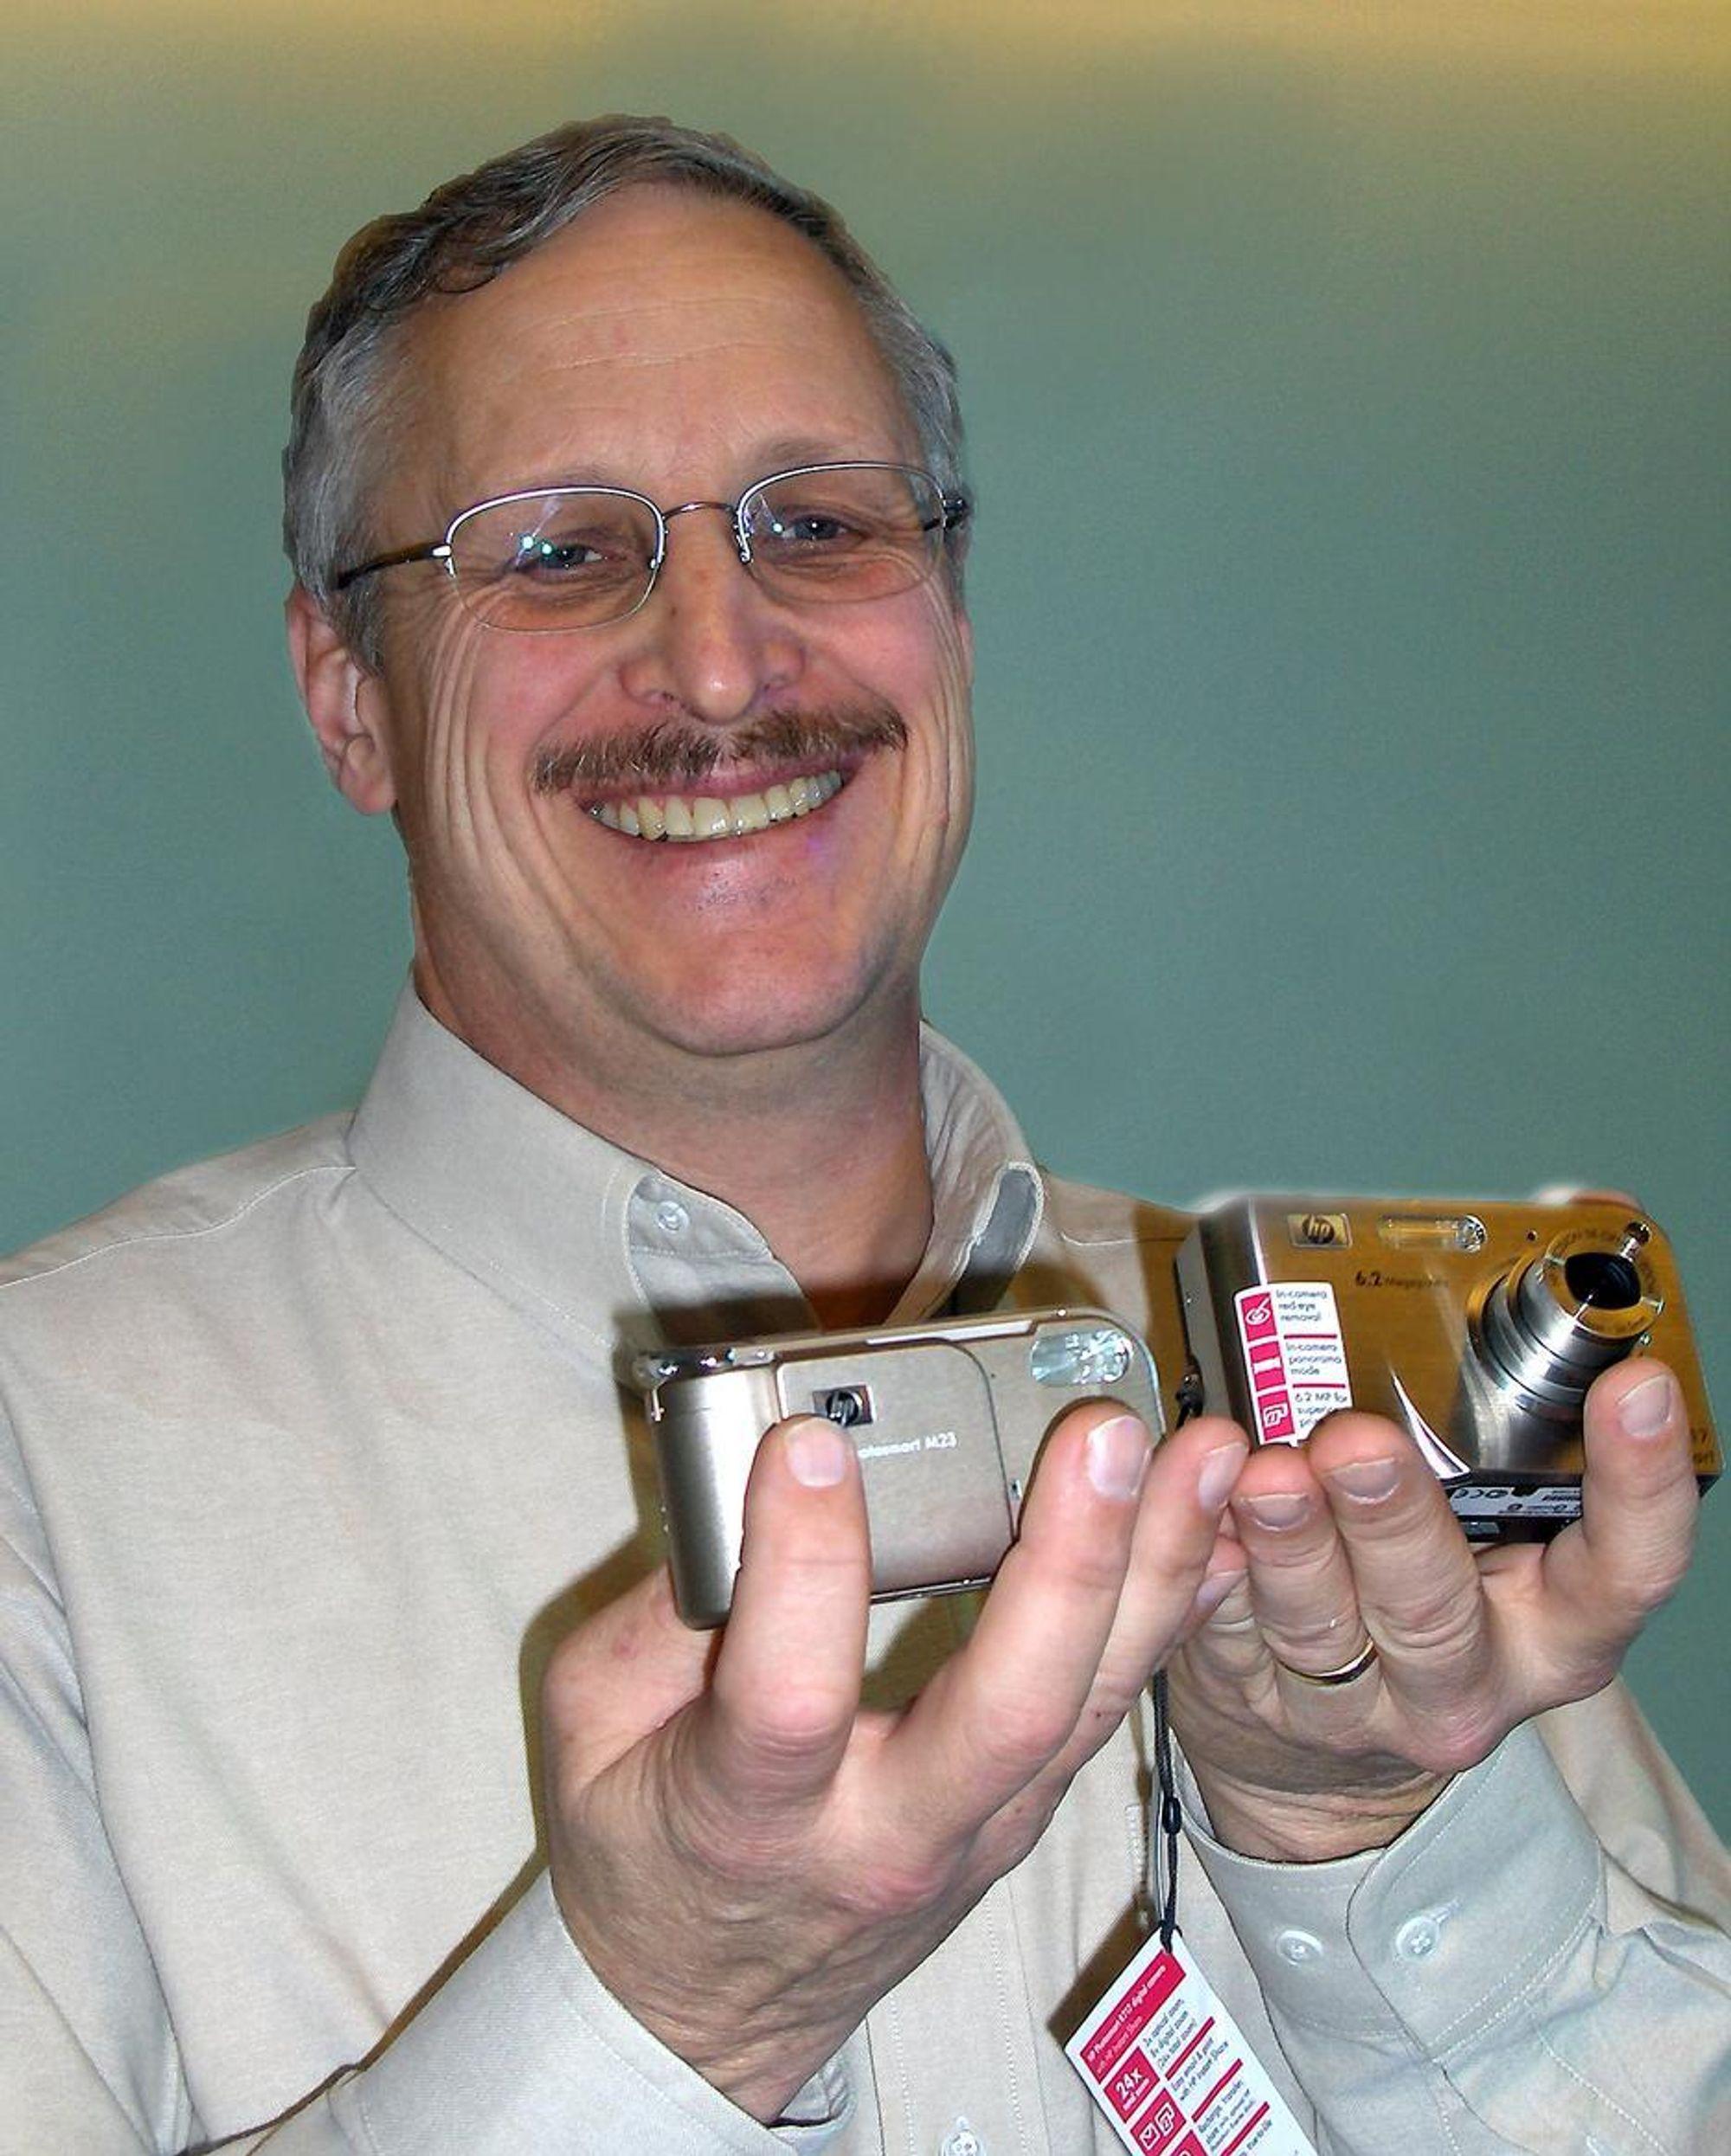 Dr. Robert Gann i HP er en av selskapet ledende billedteknologier. Her viser han frem et nytt 6,2 megapixel kamera og det nye vannsikre allværskameraet